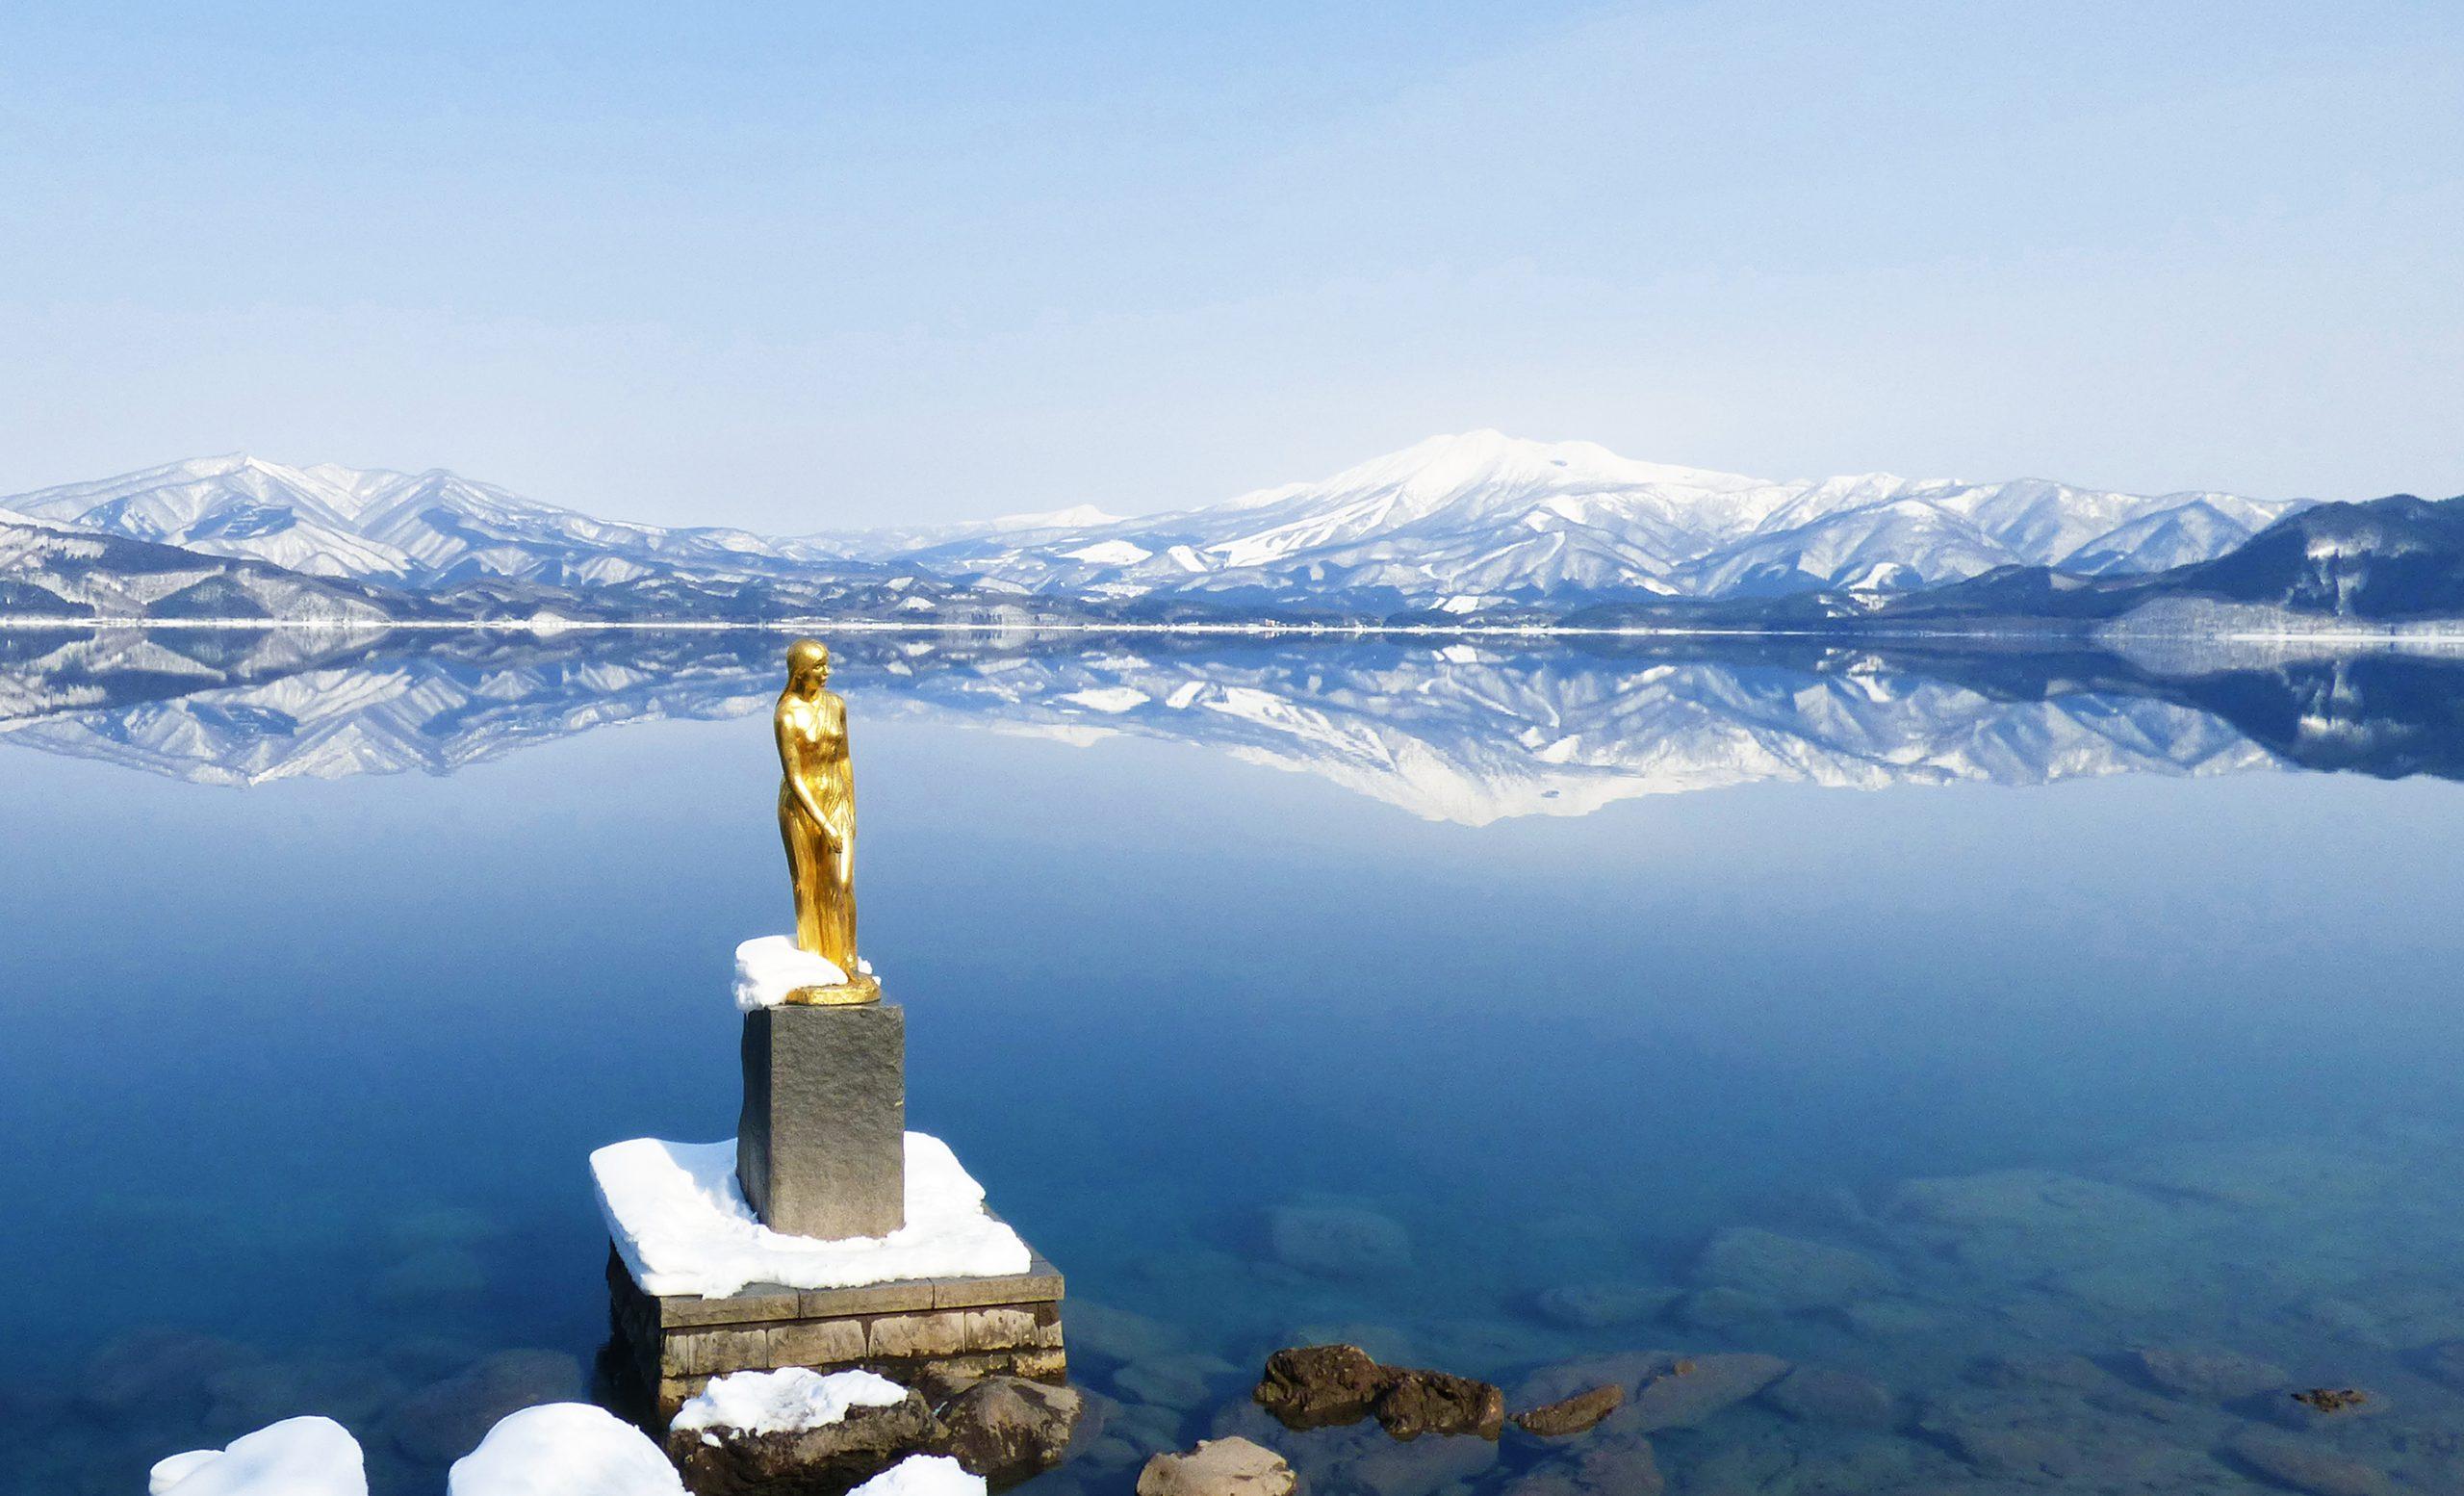 田沢湖の雪景色